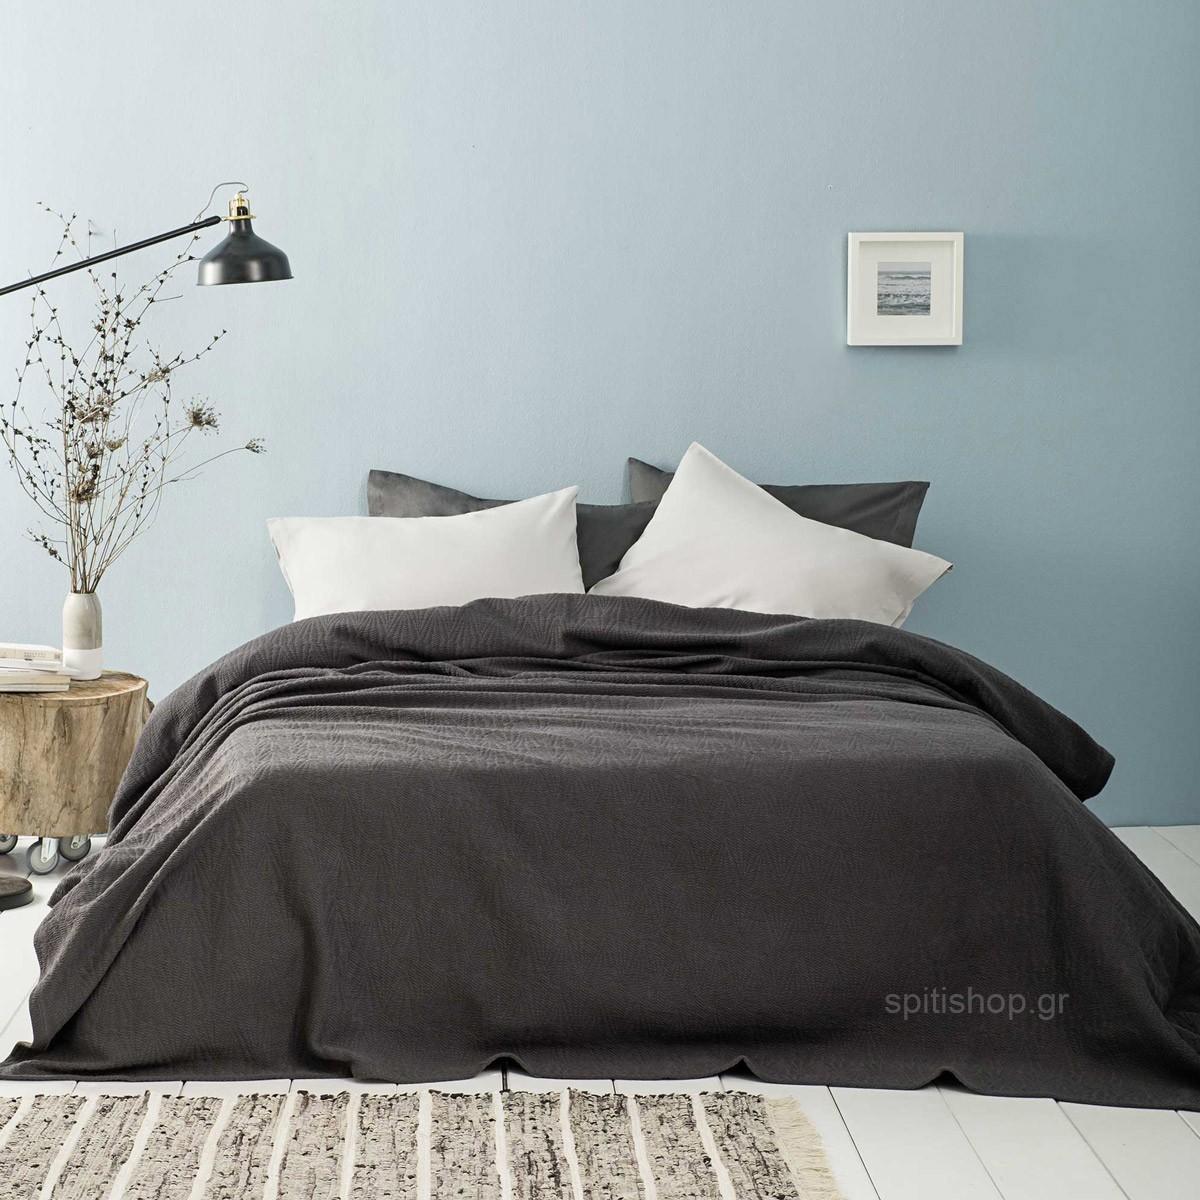 Κουβερτόριο Υπέρδιπλο Nima Layers Residence Grey 89023